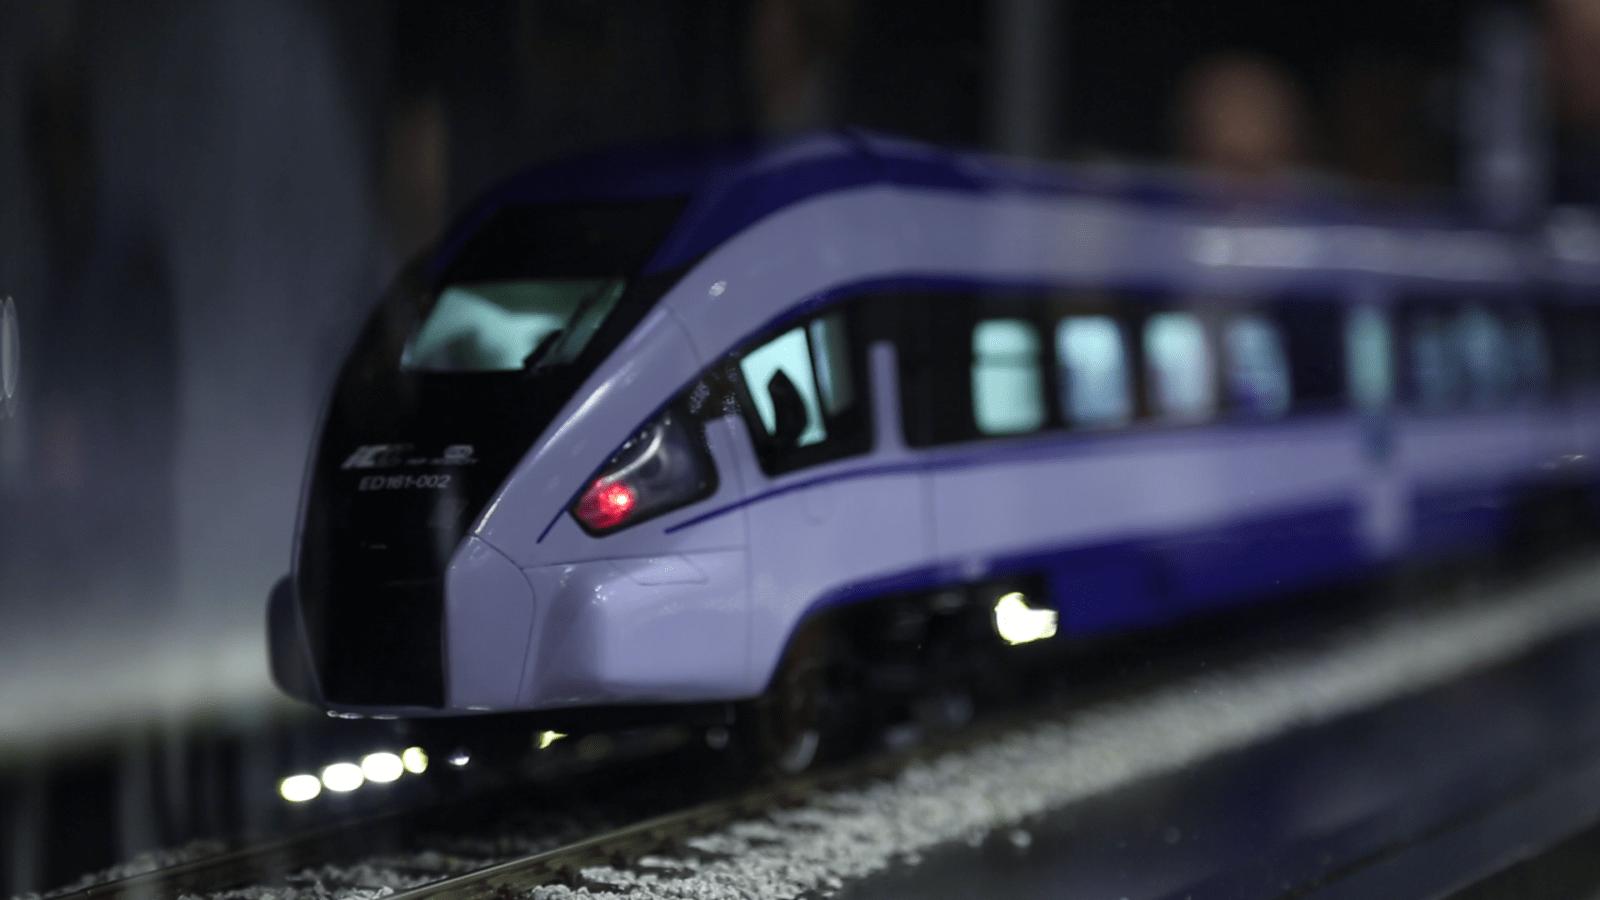 Wodór zmieni oblicze transportu. Do użytku trafiły już pociągi pasażerskie i autobusy napędzane tym paliwem